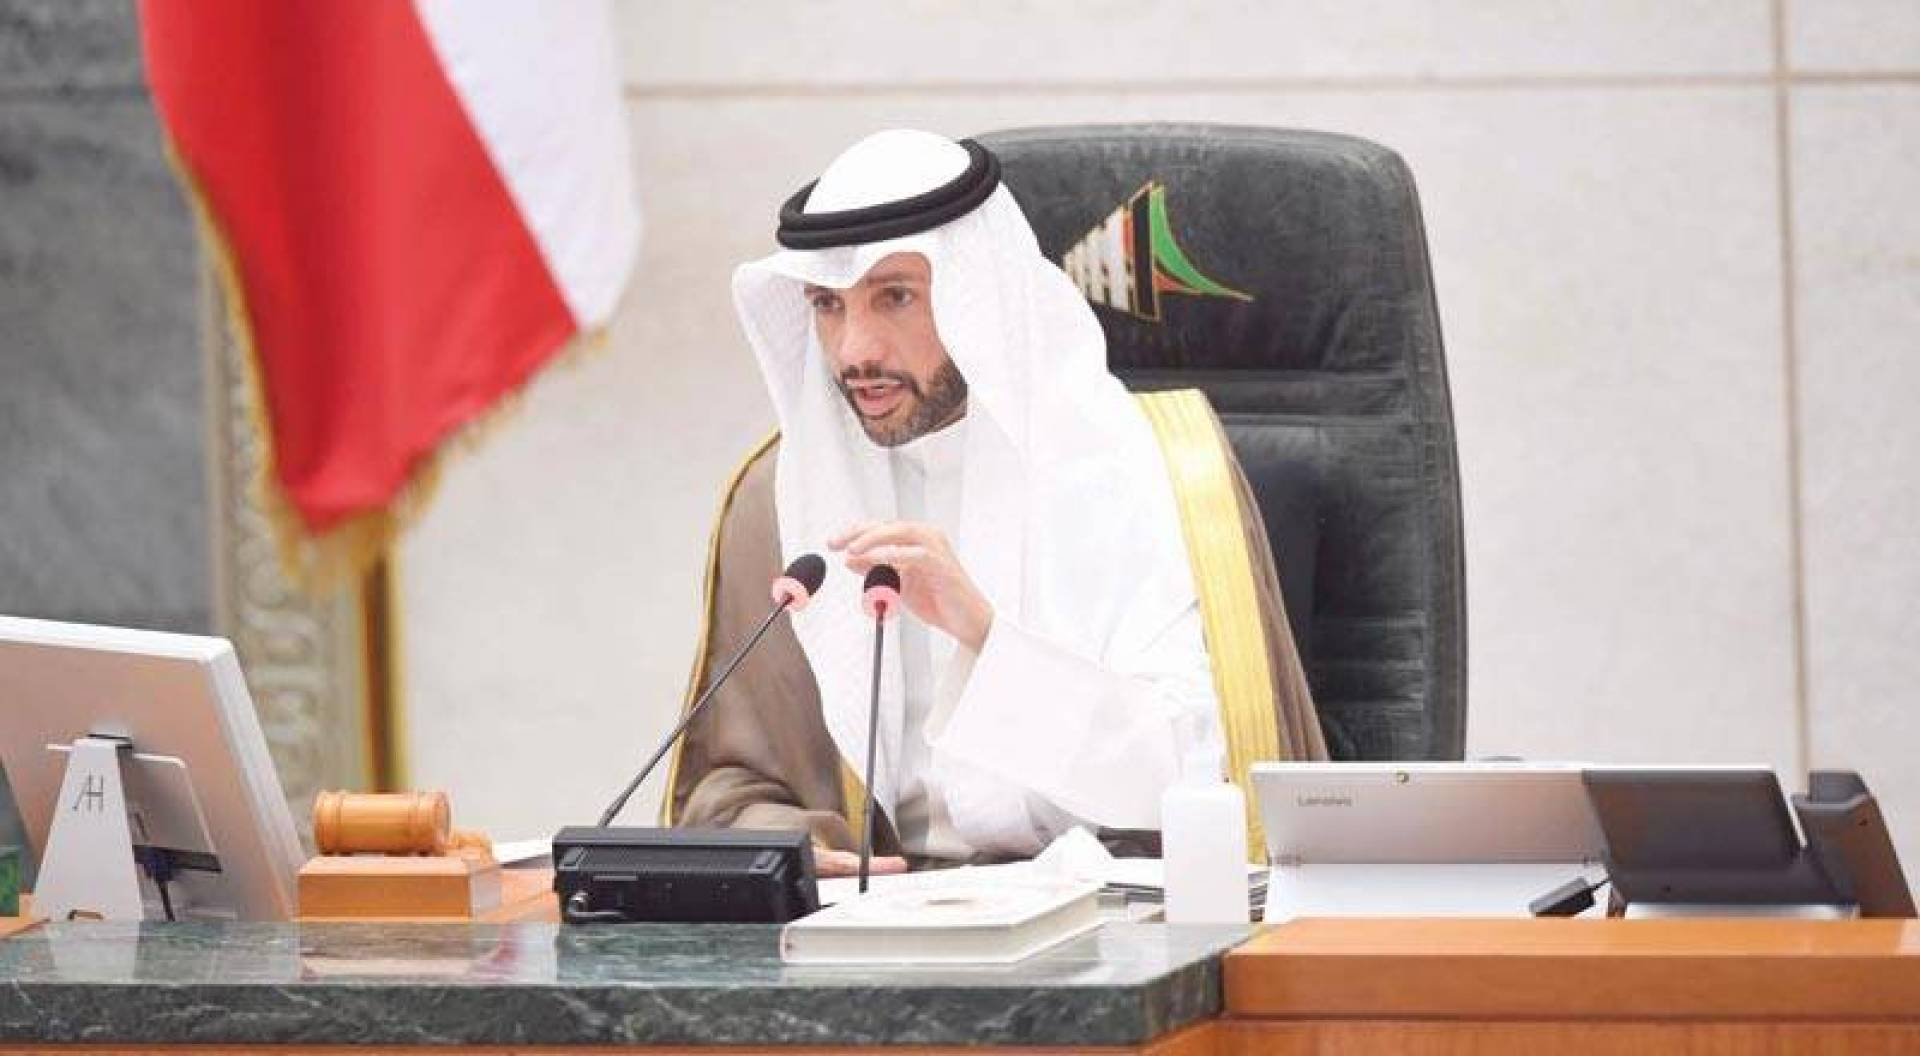 الرئيس الغانم مترئساً الجلسة  (تصوير: حسني هلال)